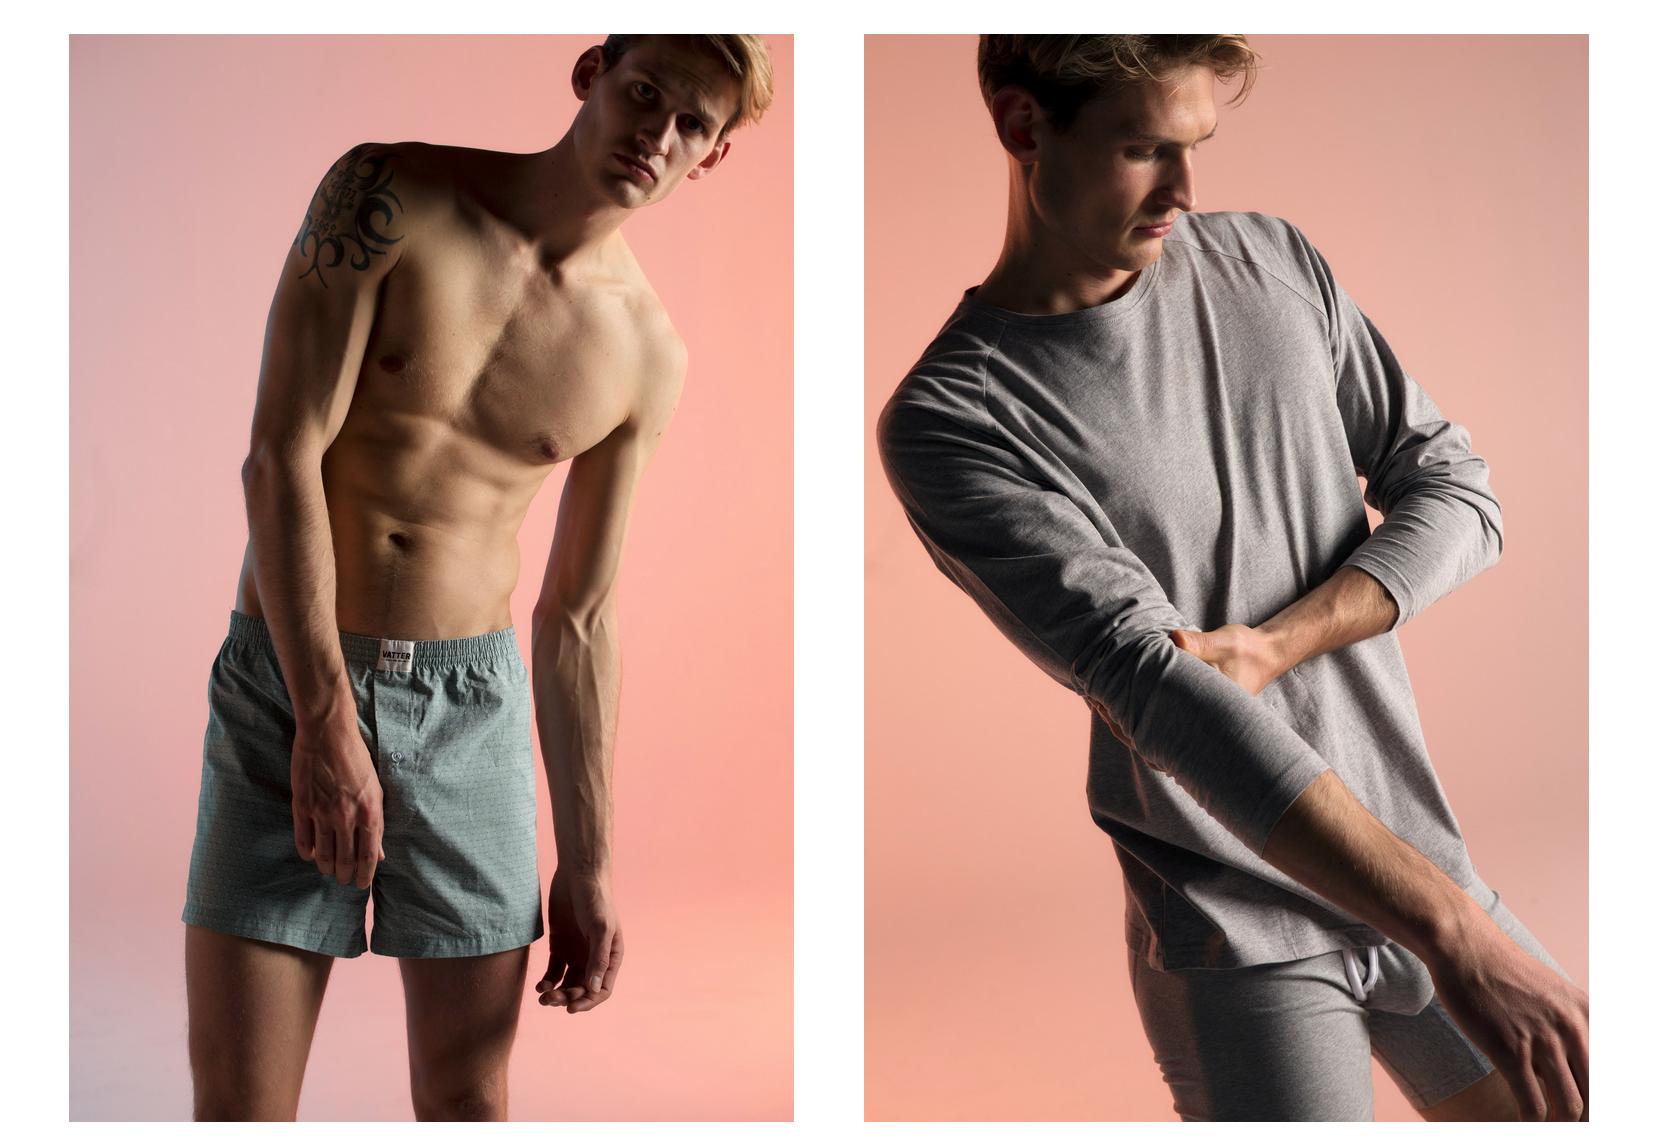 VATTER | Underwear aus München | Unterwäsche für Männer und Frauen | Foto: VATTER Fashion | GROSS∆RTIG